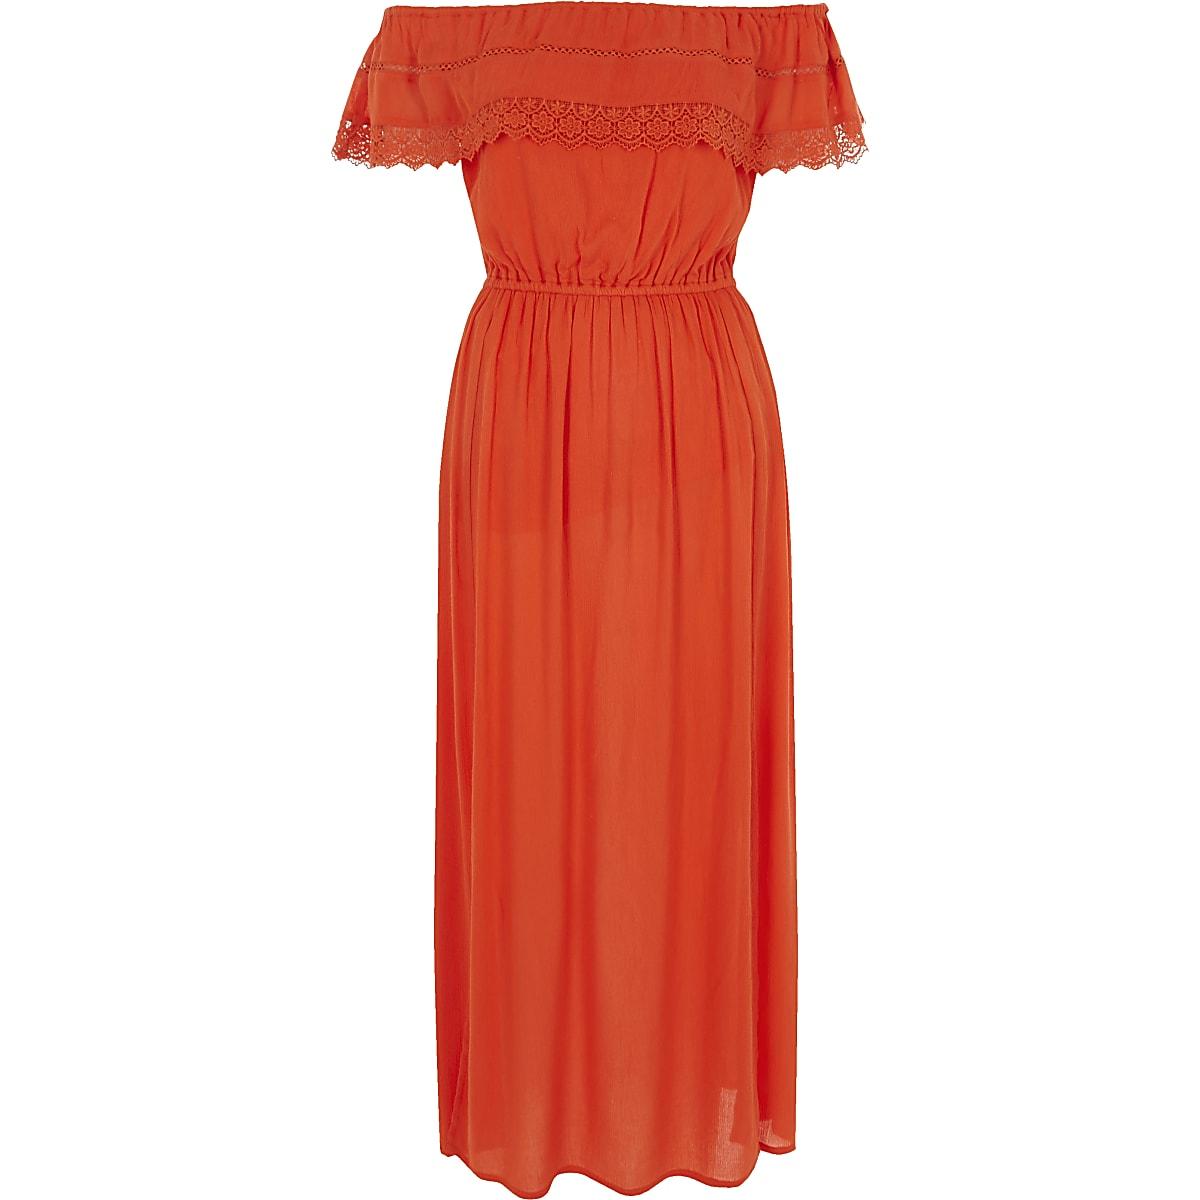 049c21d8fab271 Oranje maxi-jurk in bardotstijl met ruches - Maxi-jurken - Jurken ...